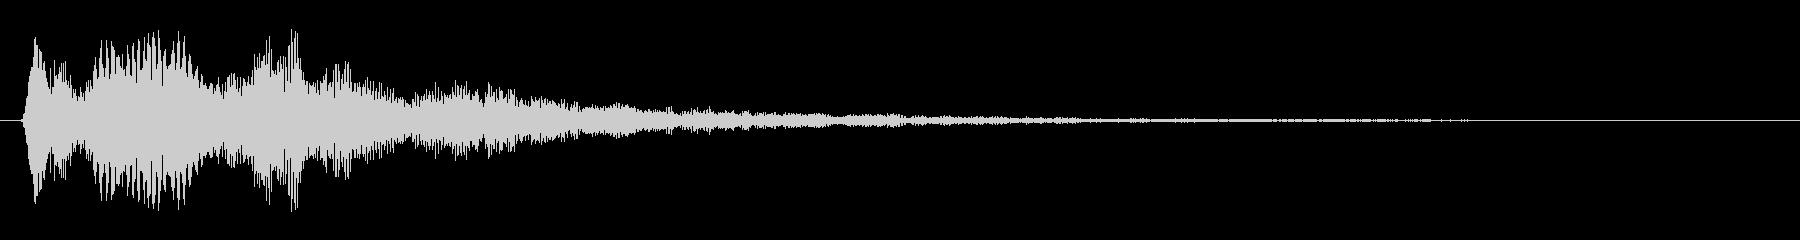 パリーンという高い音の未再生の波形